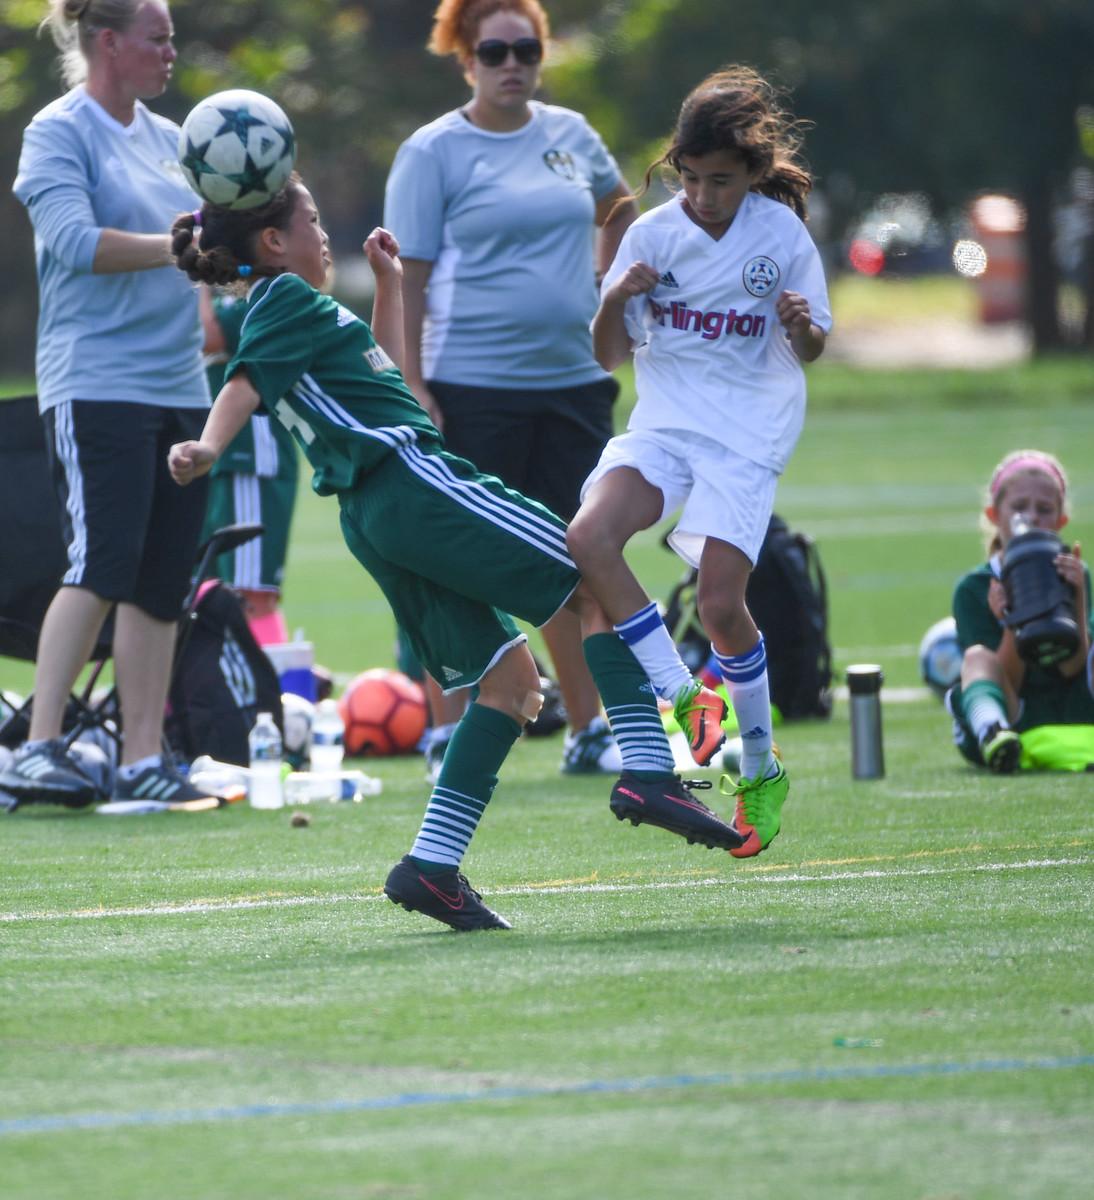 Arlington Travel Soccer